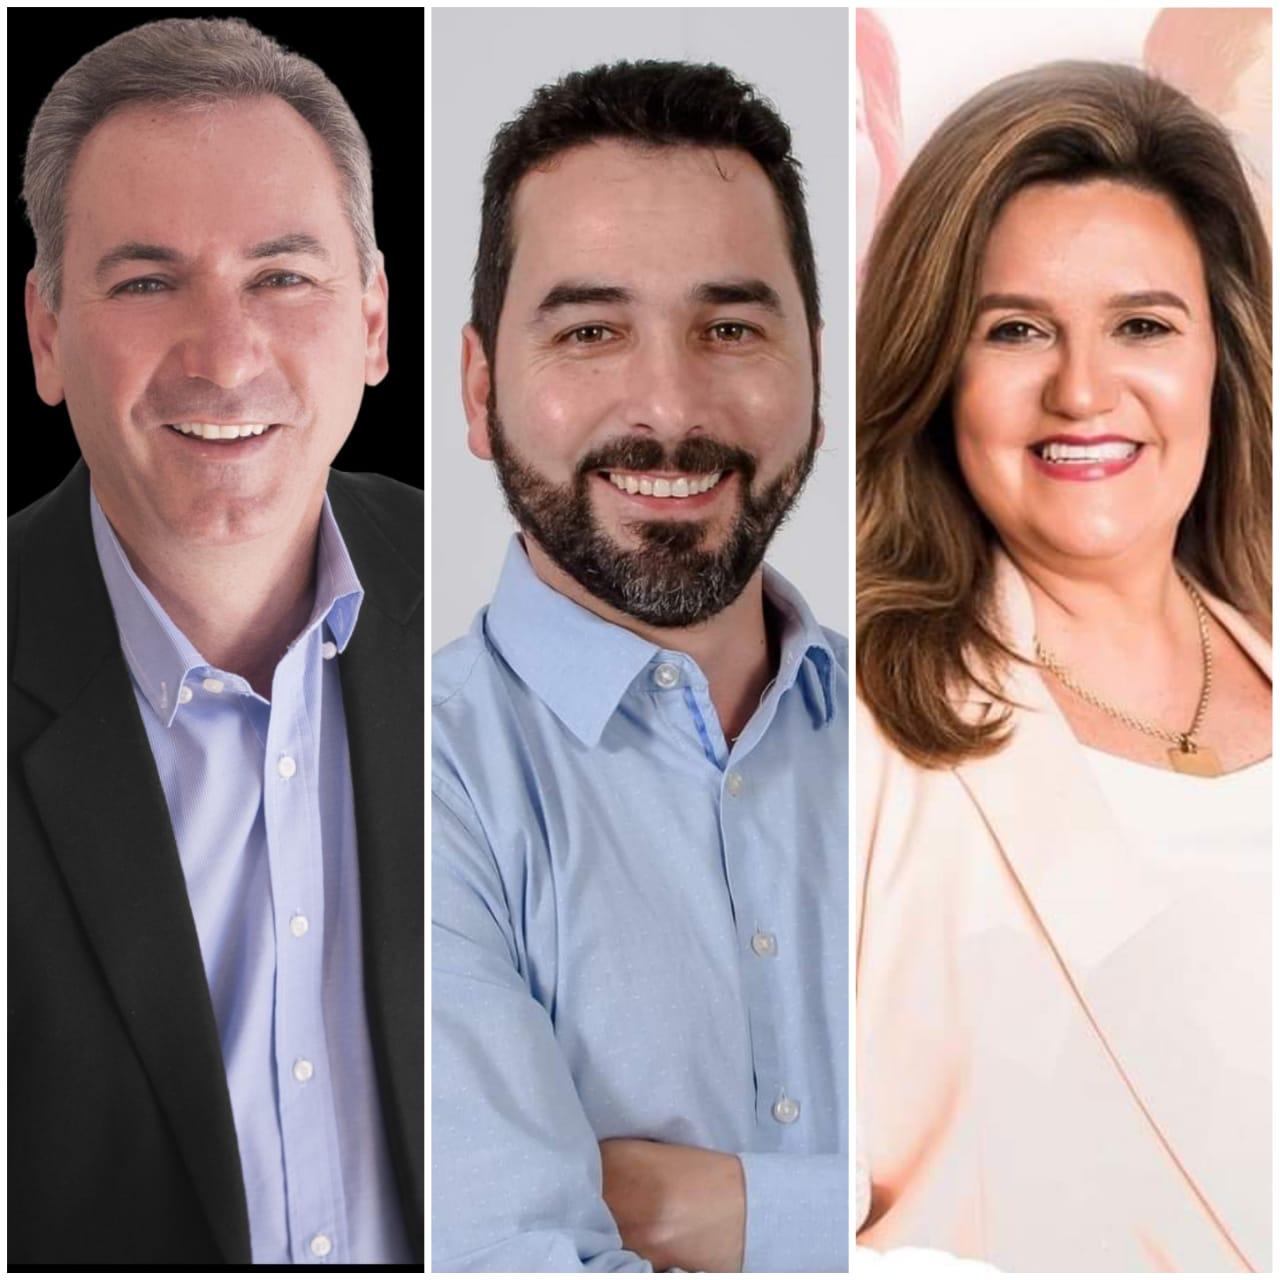 Rádio Soledade e Portal ClicSoledade promovem debate com candidatos ao Executivo de Soledade